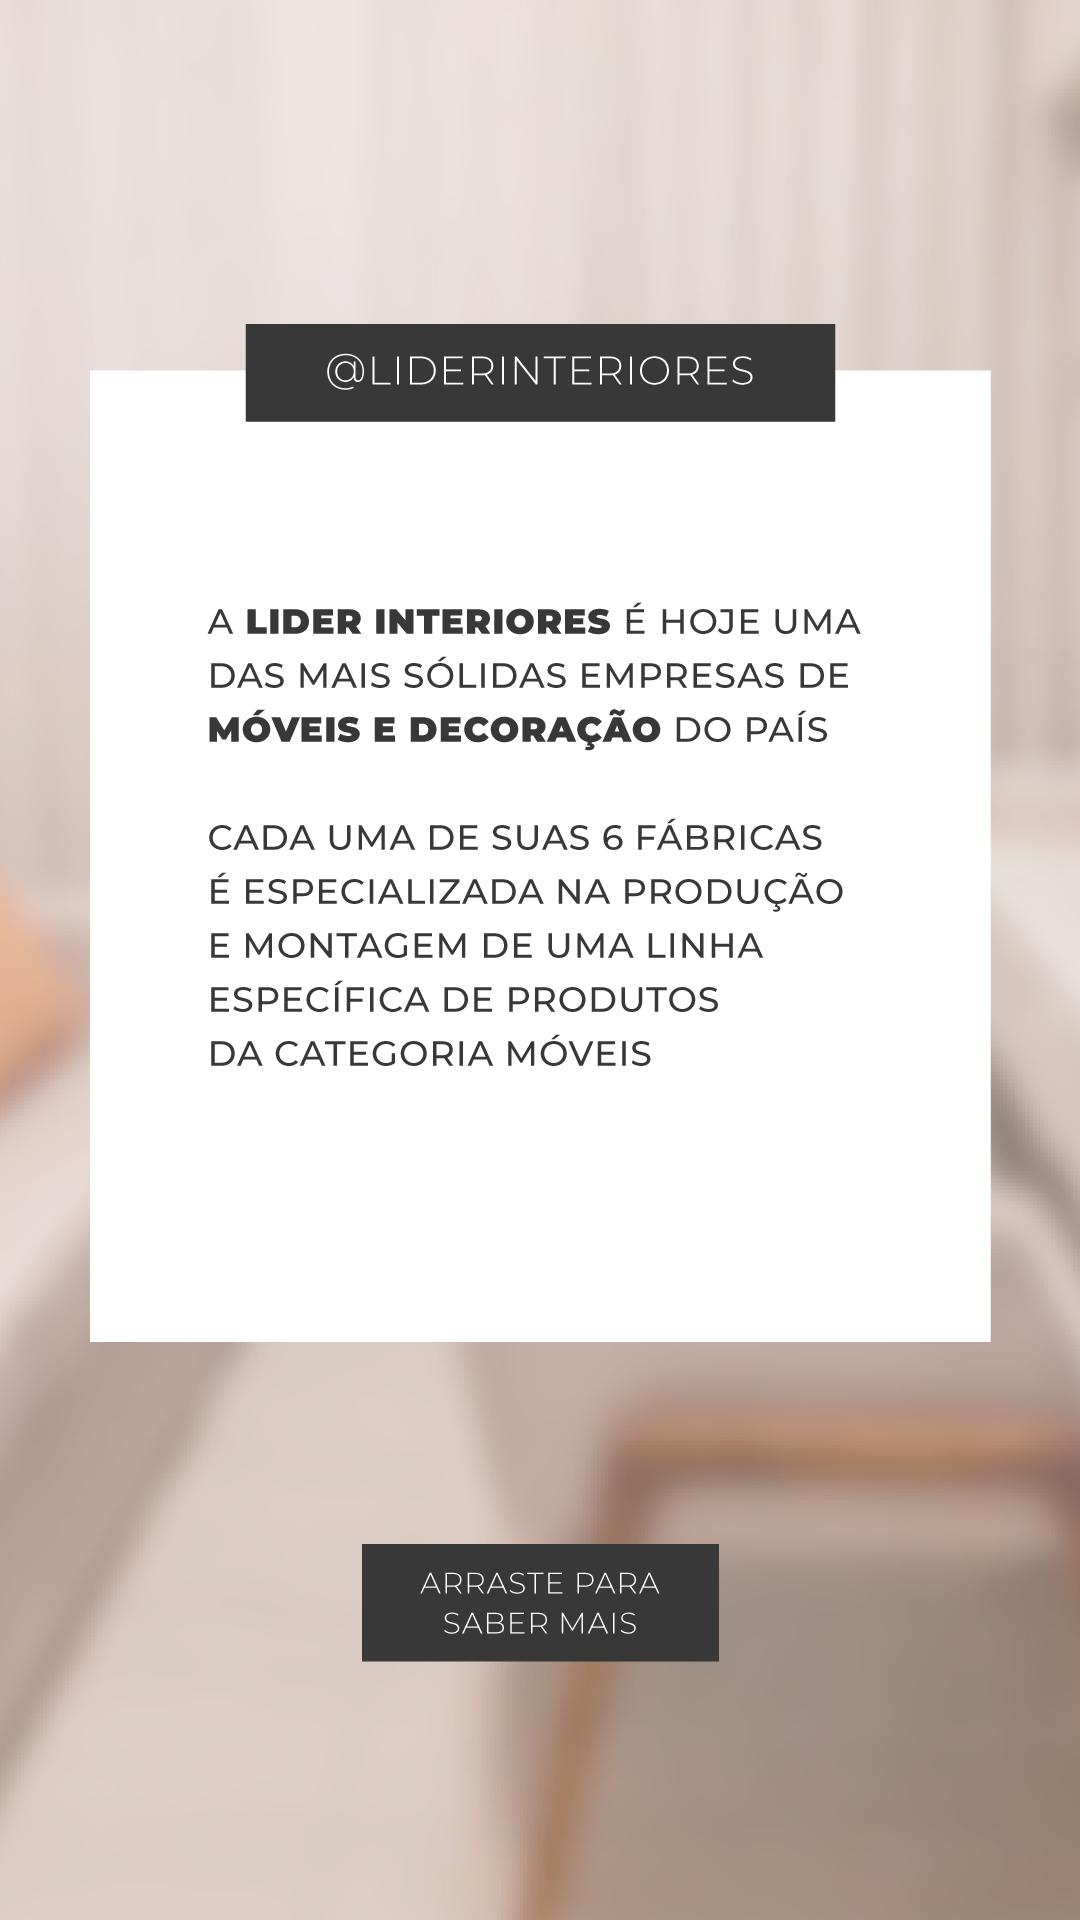 Entre em contato para conhecer o showroom com curadoria exclusiva Occa Moderna: ✉ loja@occamoderna.com.br 📱 (51) 98594-4458 #OccaModerna #Decoração #DecoracaoCriativa #Arquitetura #PortoAlegre #HomeDesign #Decor #Ambientes #DecoracaoDeInteriores #LiderInteriores #Curadoria #Lider #MoveisExclusivos